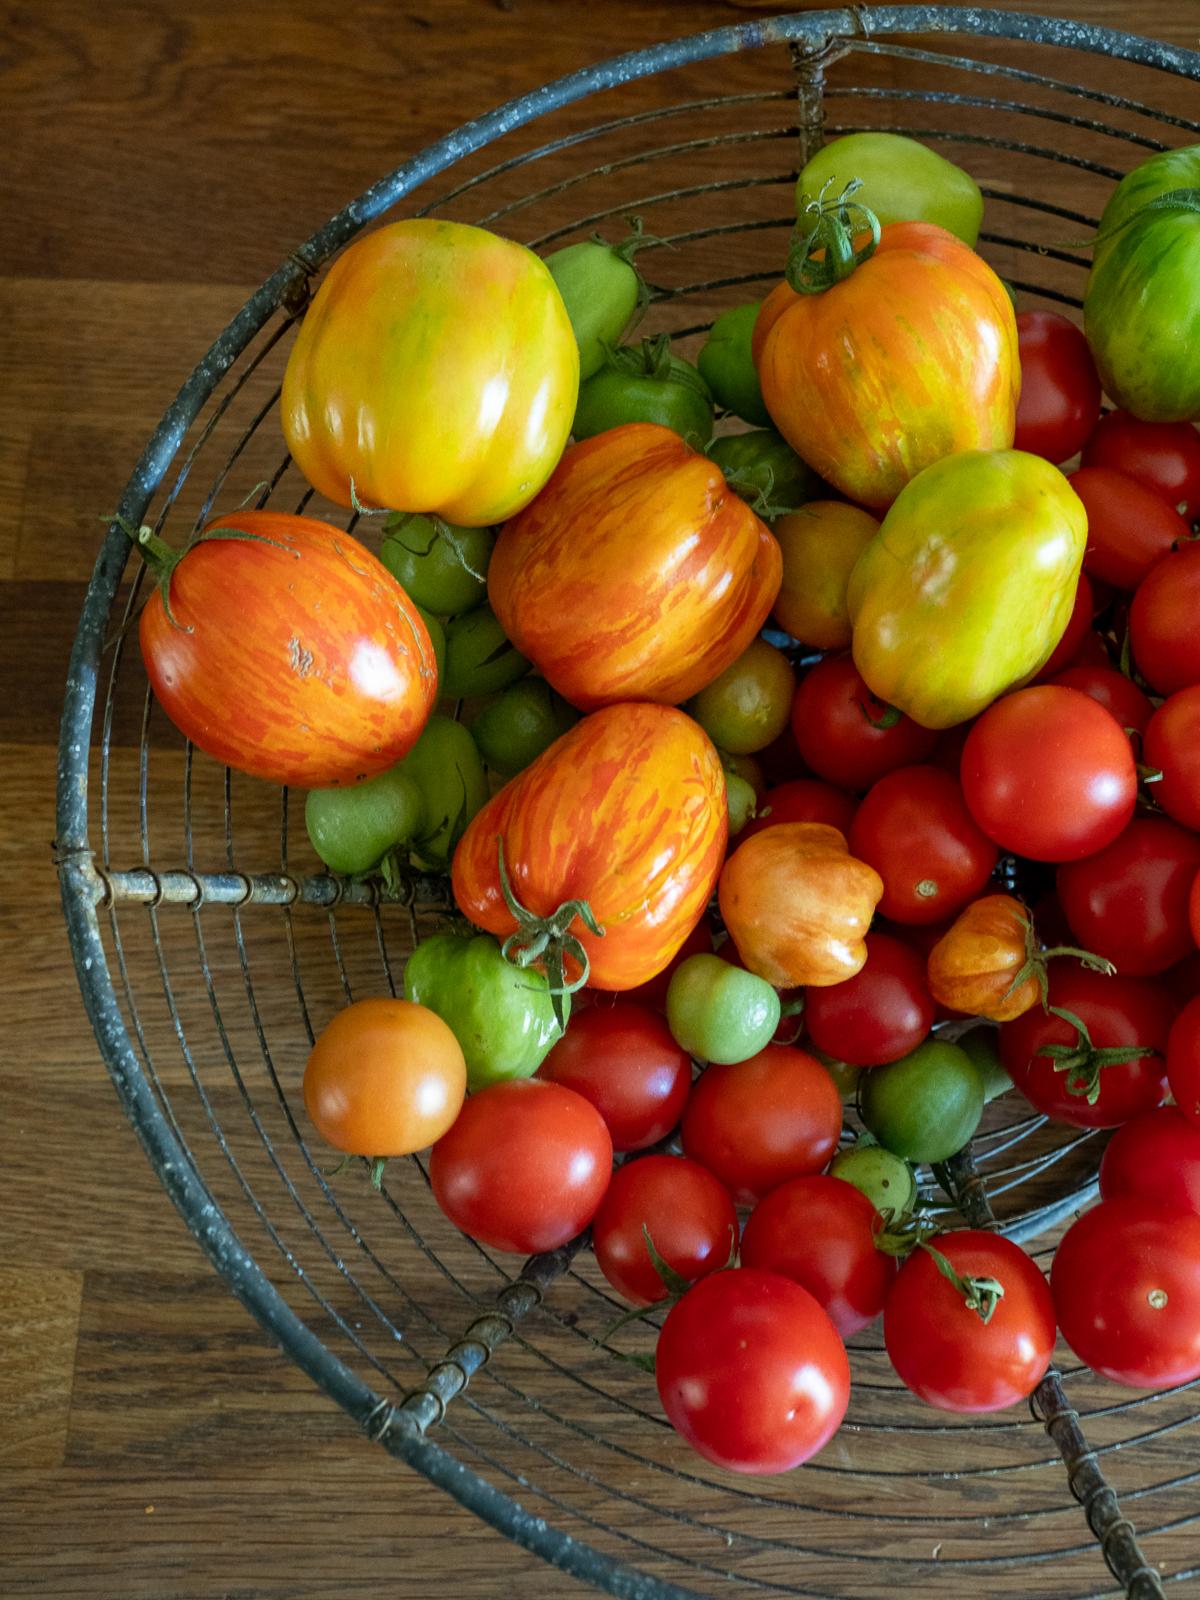 tomaattien kypsyttäminen sisällä